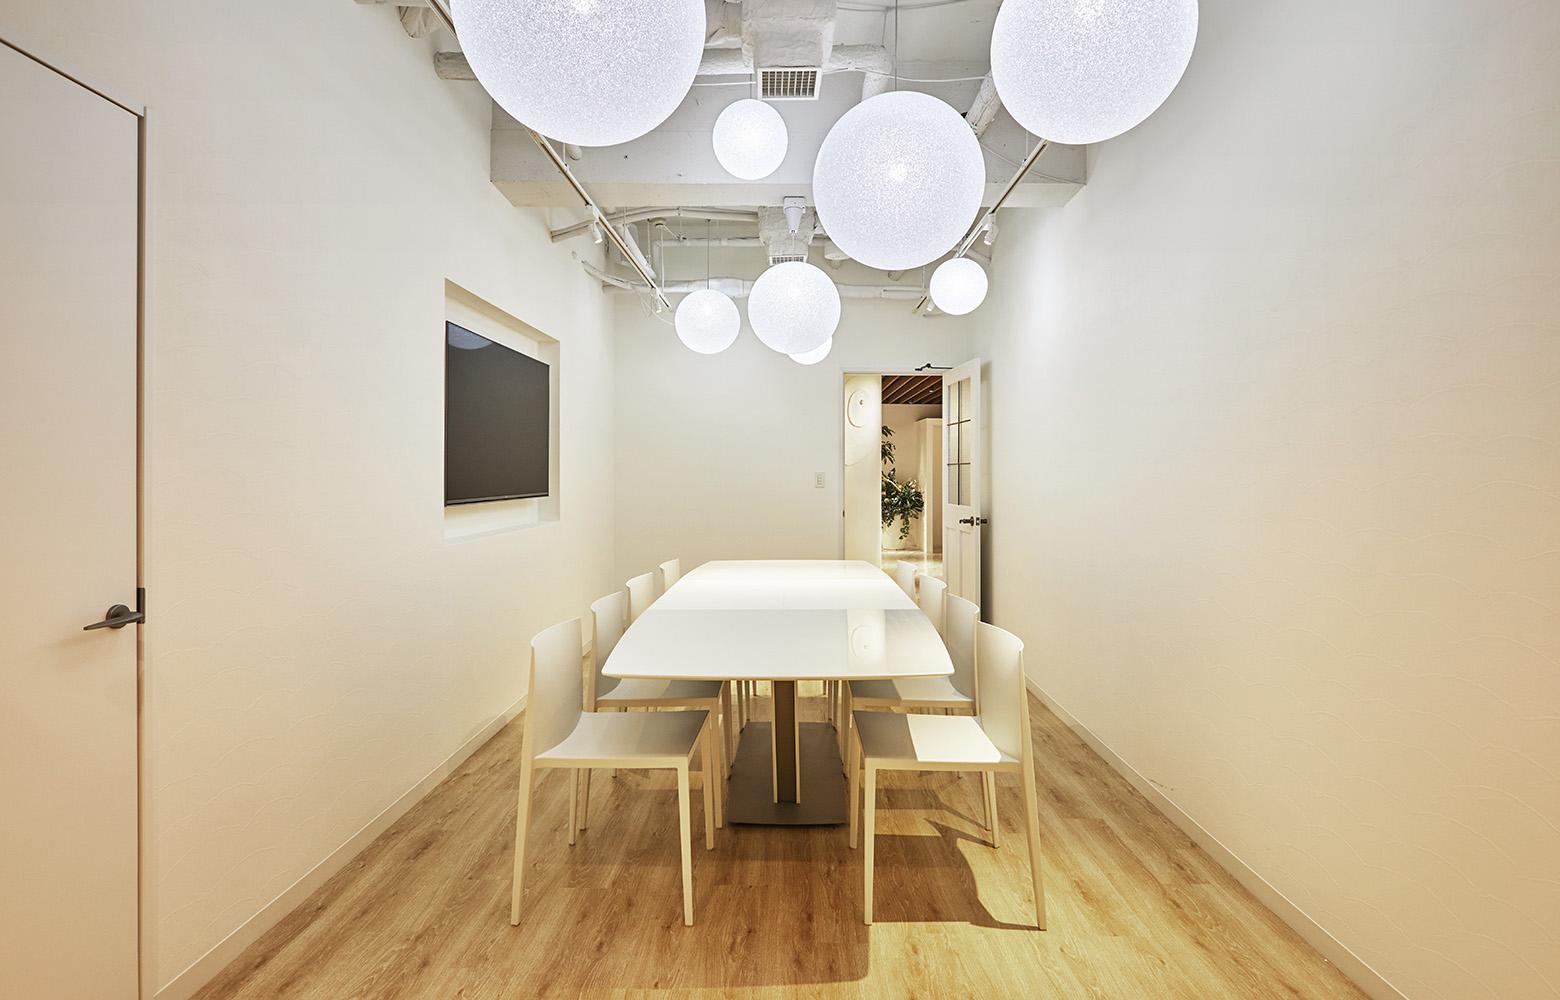 株式会社石原和幸デザイン研究所 Meeting Room デザイン・レイアウト事例